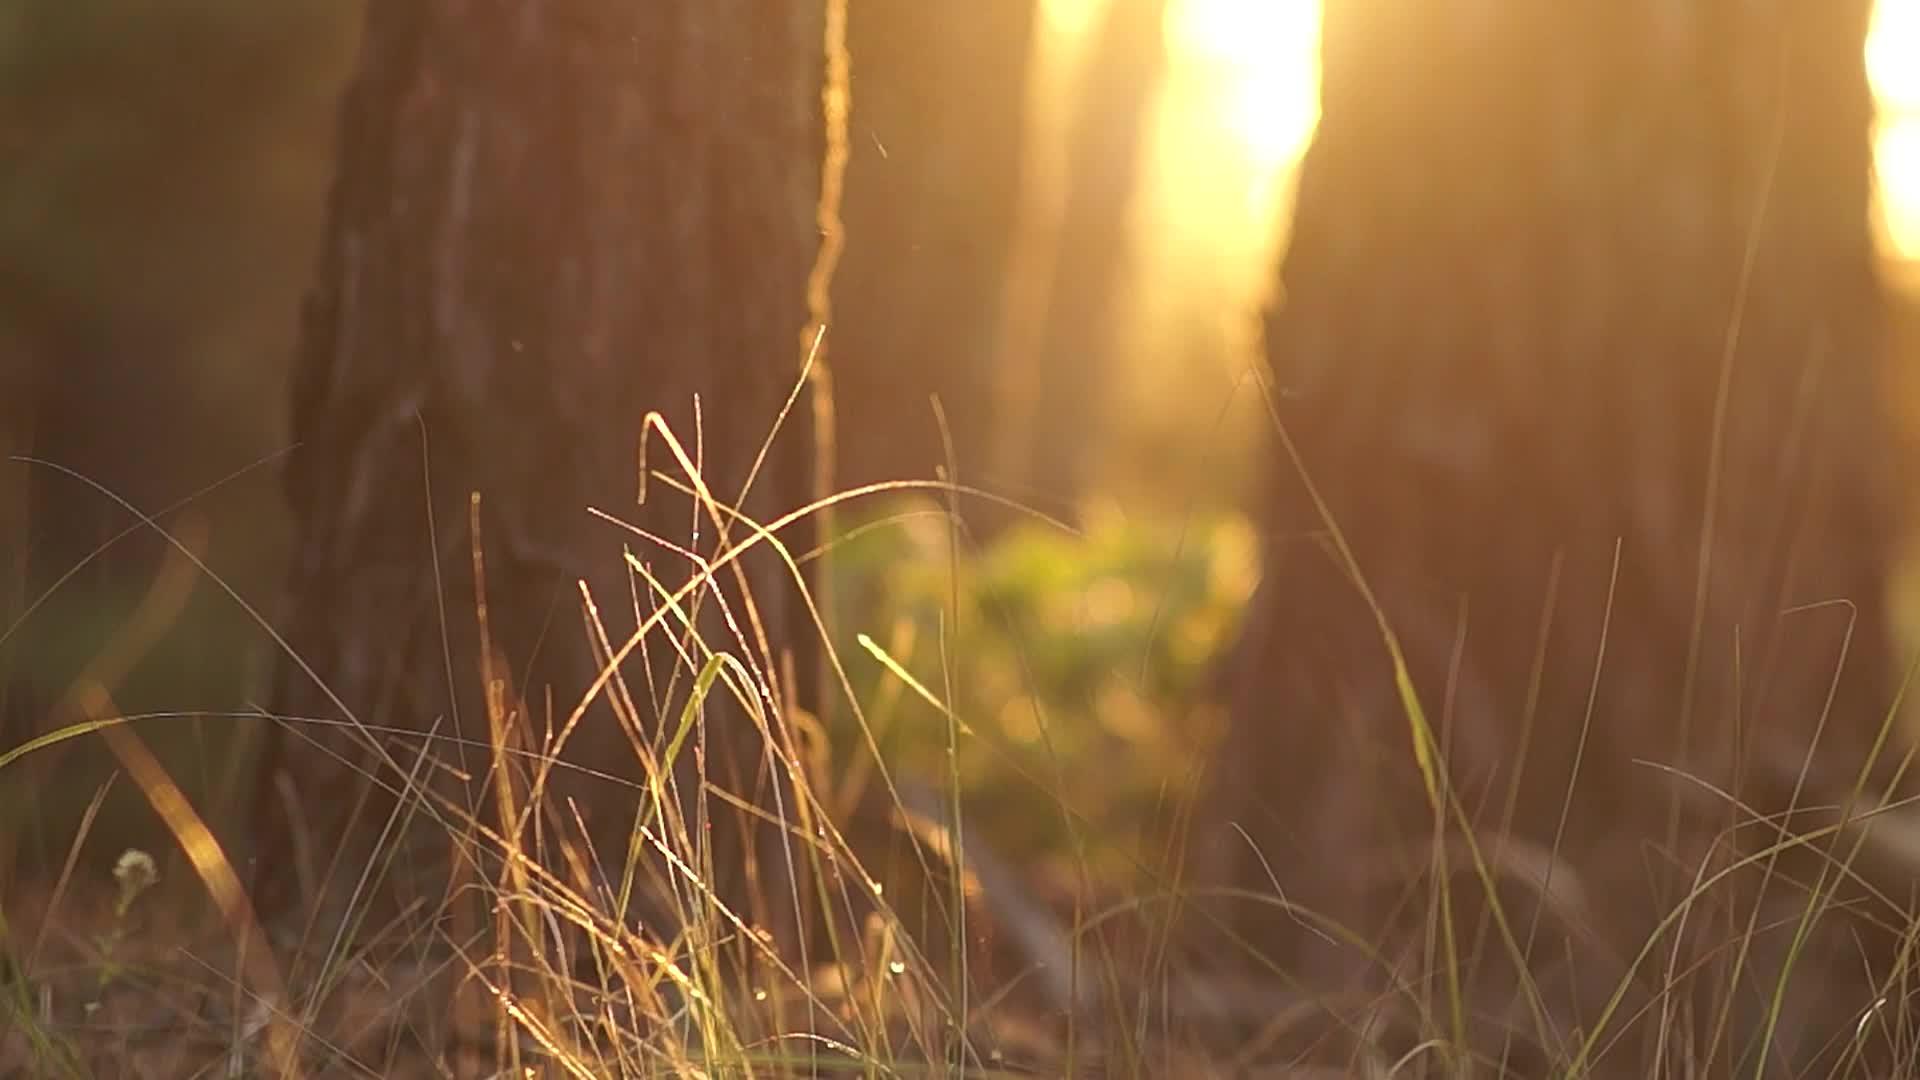 唯美浪漫暖阳大树美景视频素材